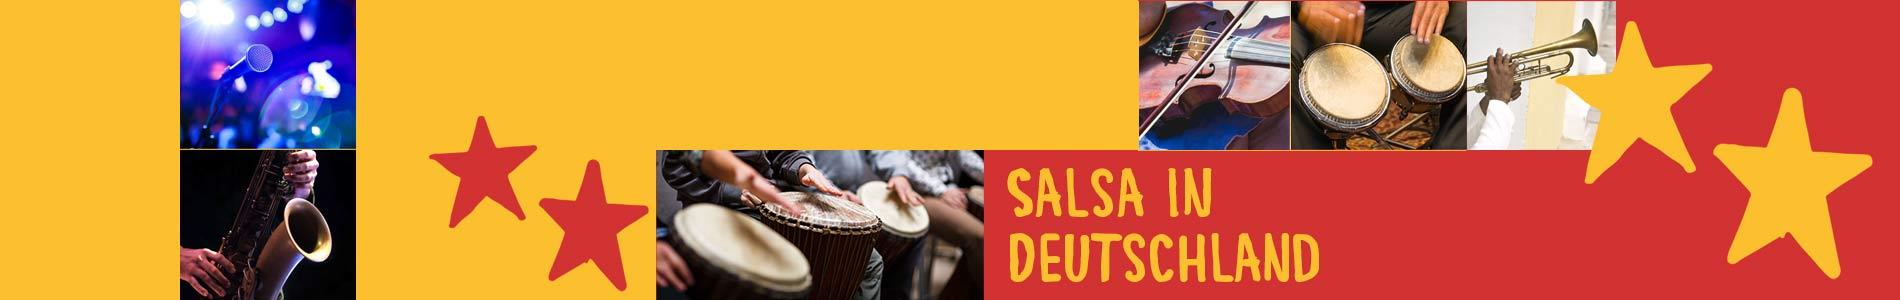 Salsa in Bromskirchen – Salsa lernen und tanzen, Tanzkurse, Partys, Veranstaltungen